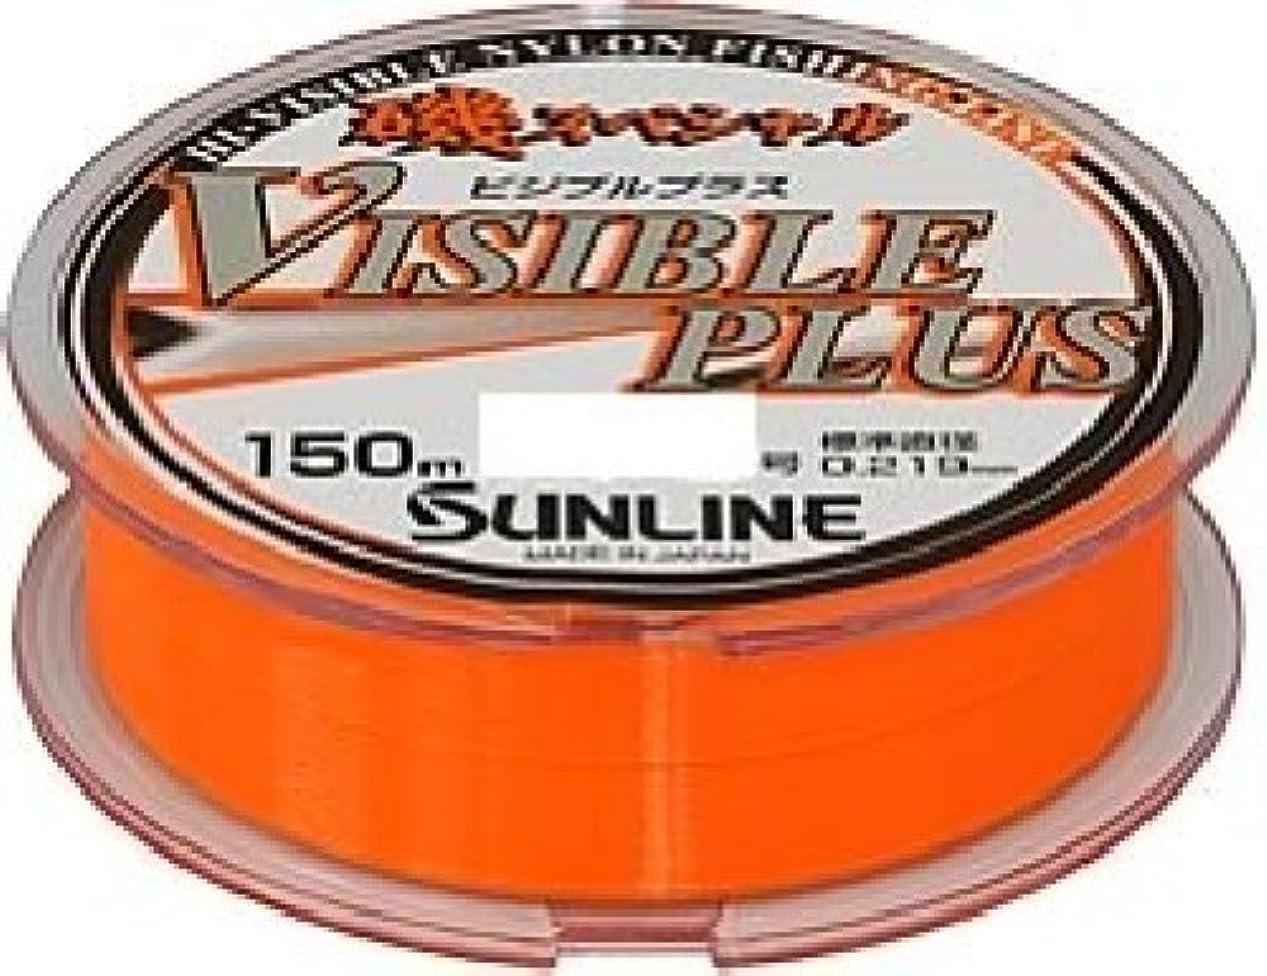 ホース正確さ人種サンライン(SUNLINE) ナイロンライン 磯スペシャル ビジブルプラス HG 150m 2号 パッションオレンジ